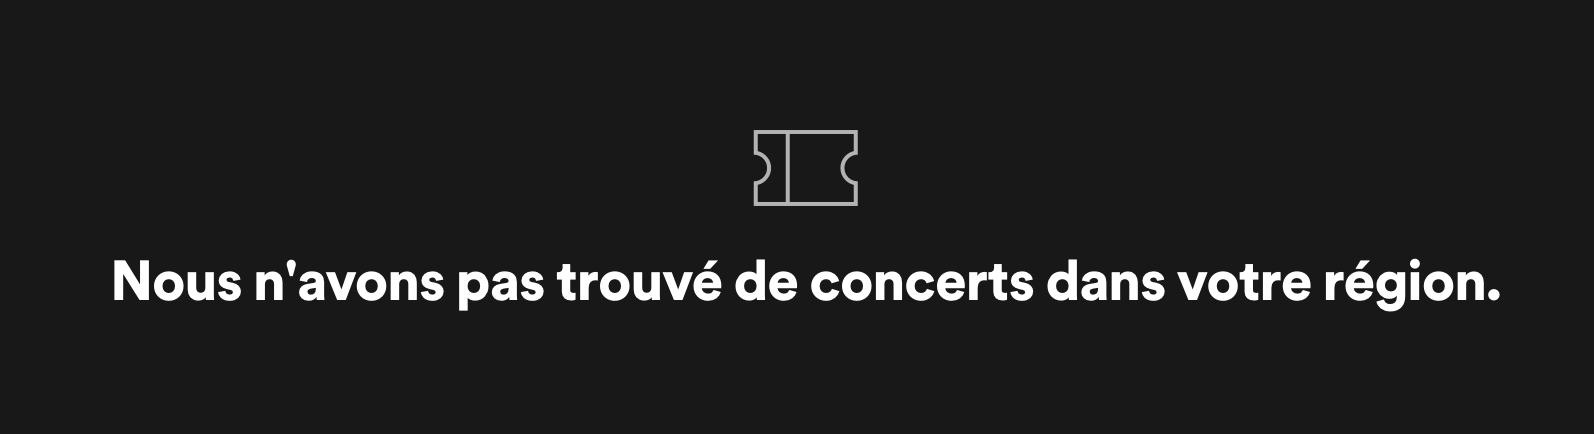 aucun concert